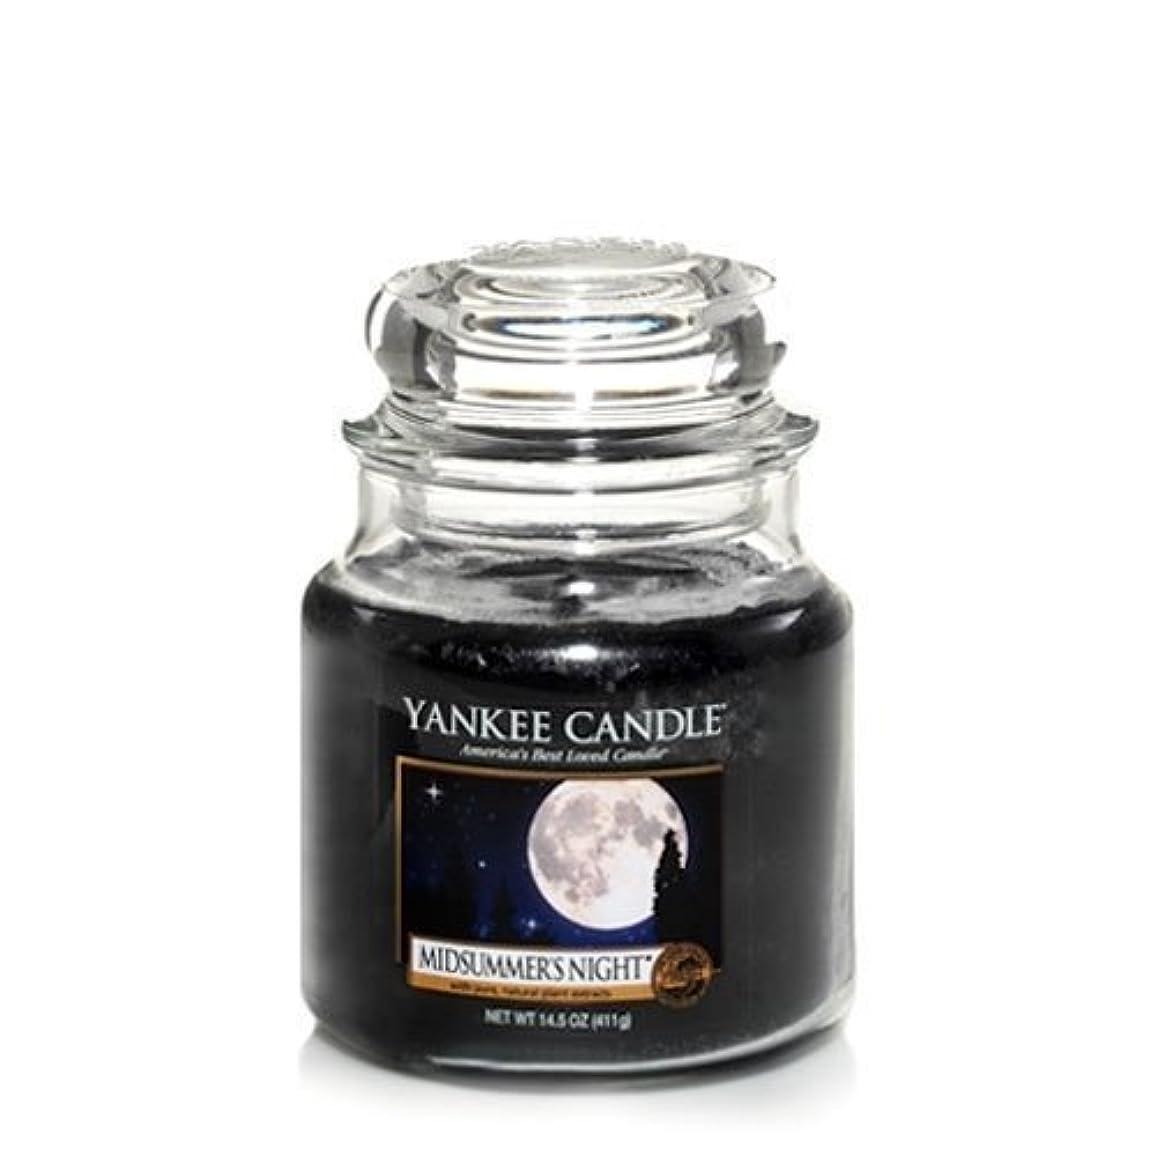 直立脅威恐れるYankee Candle Midsummer's Night Medium Jar Candle, Fresh Scent by Yankee Candle [並行輸入品]